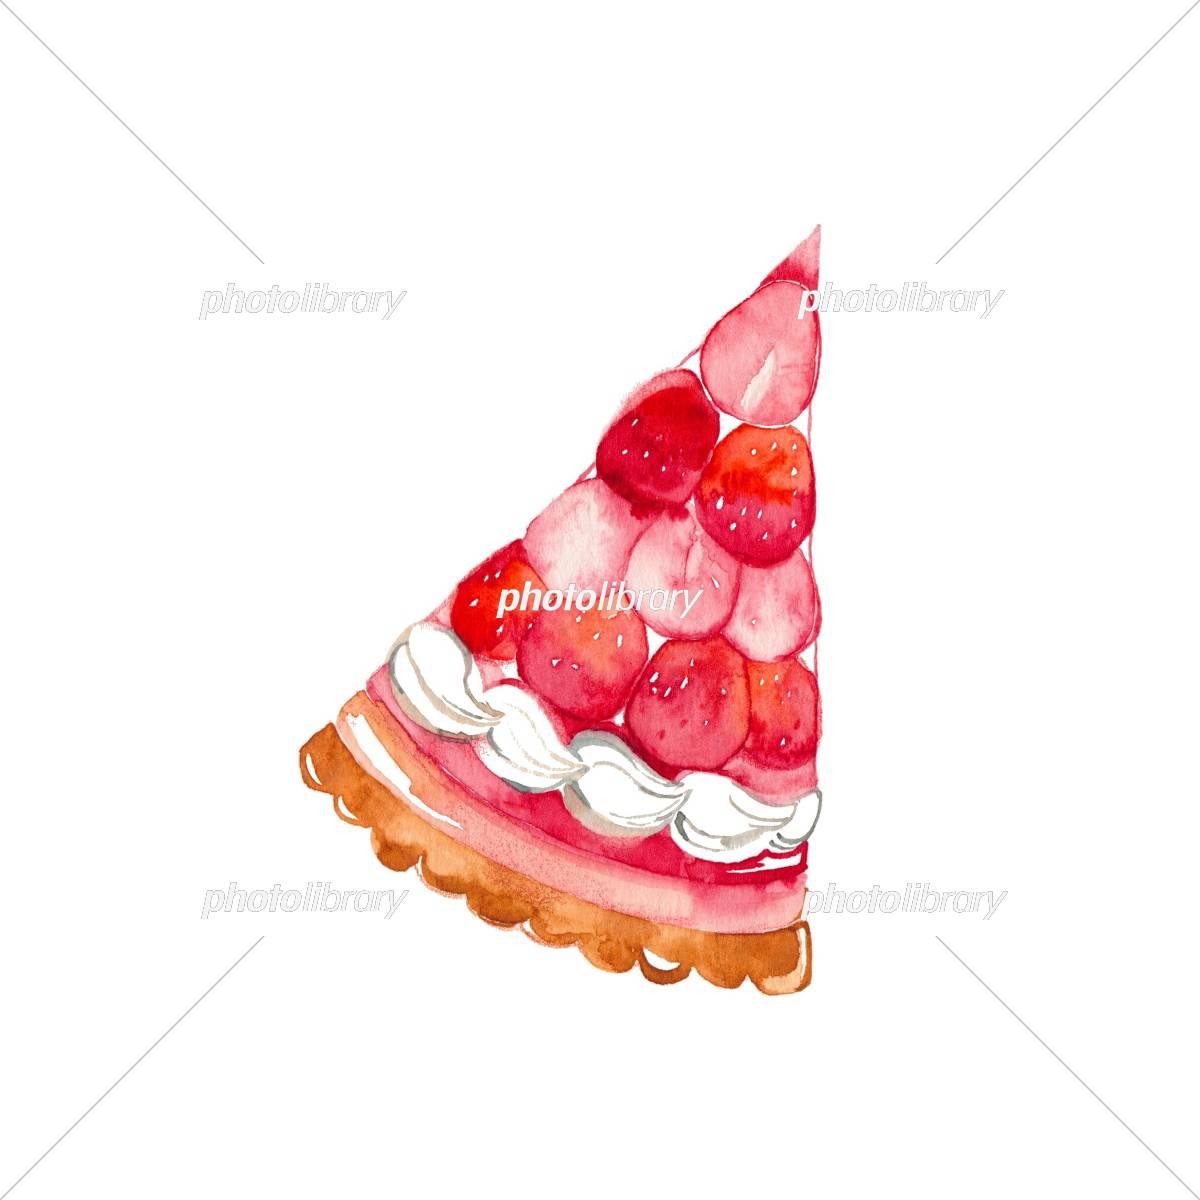 ケーキ 1ピース ストロベリー イラスト素材 フォトライブラリー Photolibrary